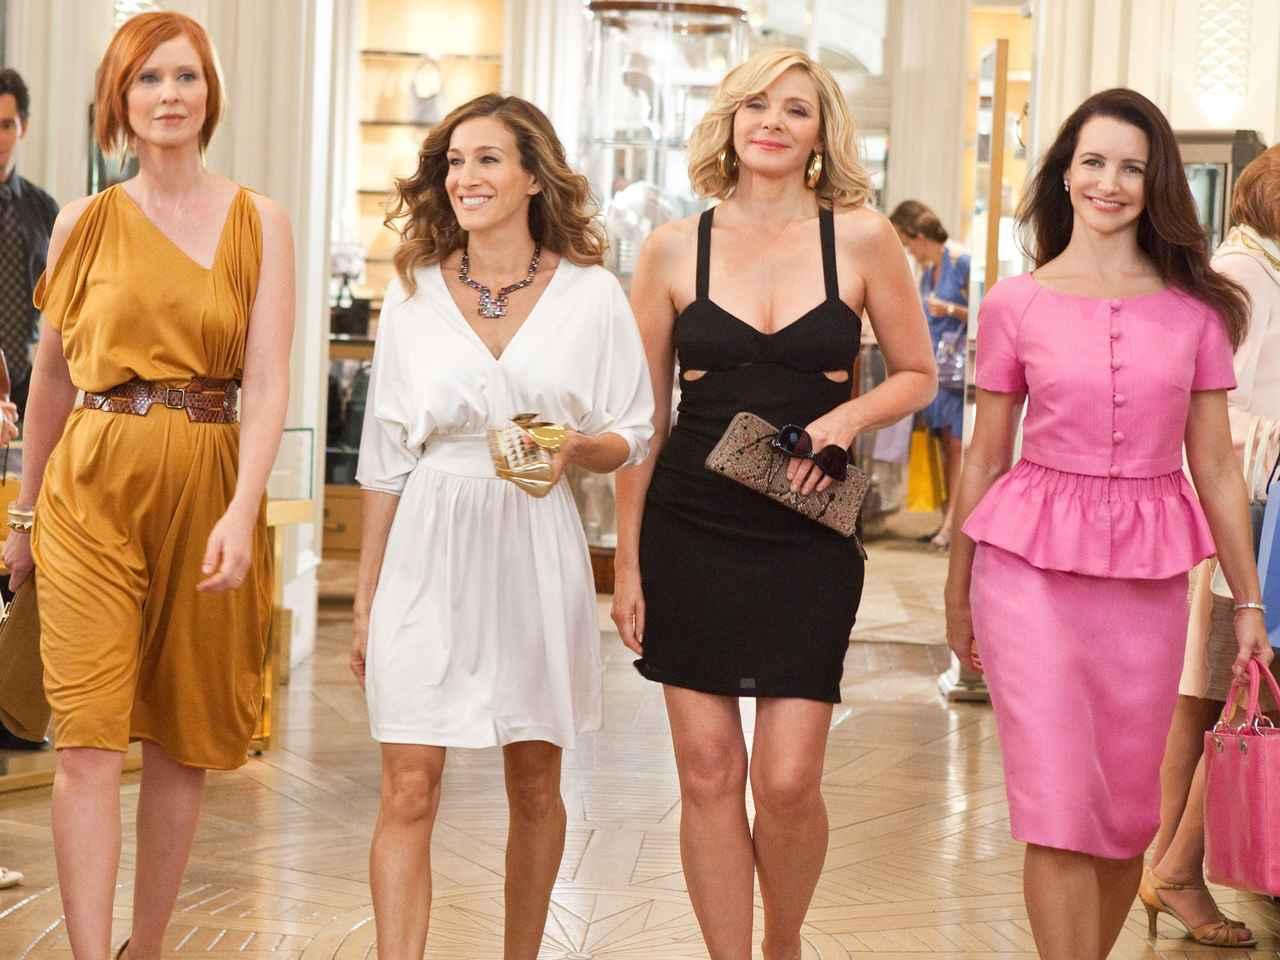 画像: 左からミランダ役のシンシア・ニクソン、キャリー役のサラ・ジェシカ・パーカー、サマンサ役のキム・キャトラル、シャーロット役のクリスティン・デイヴィス。